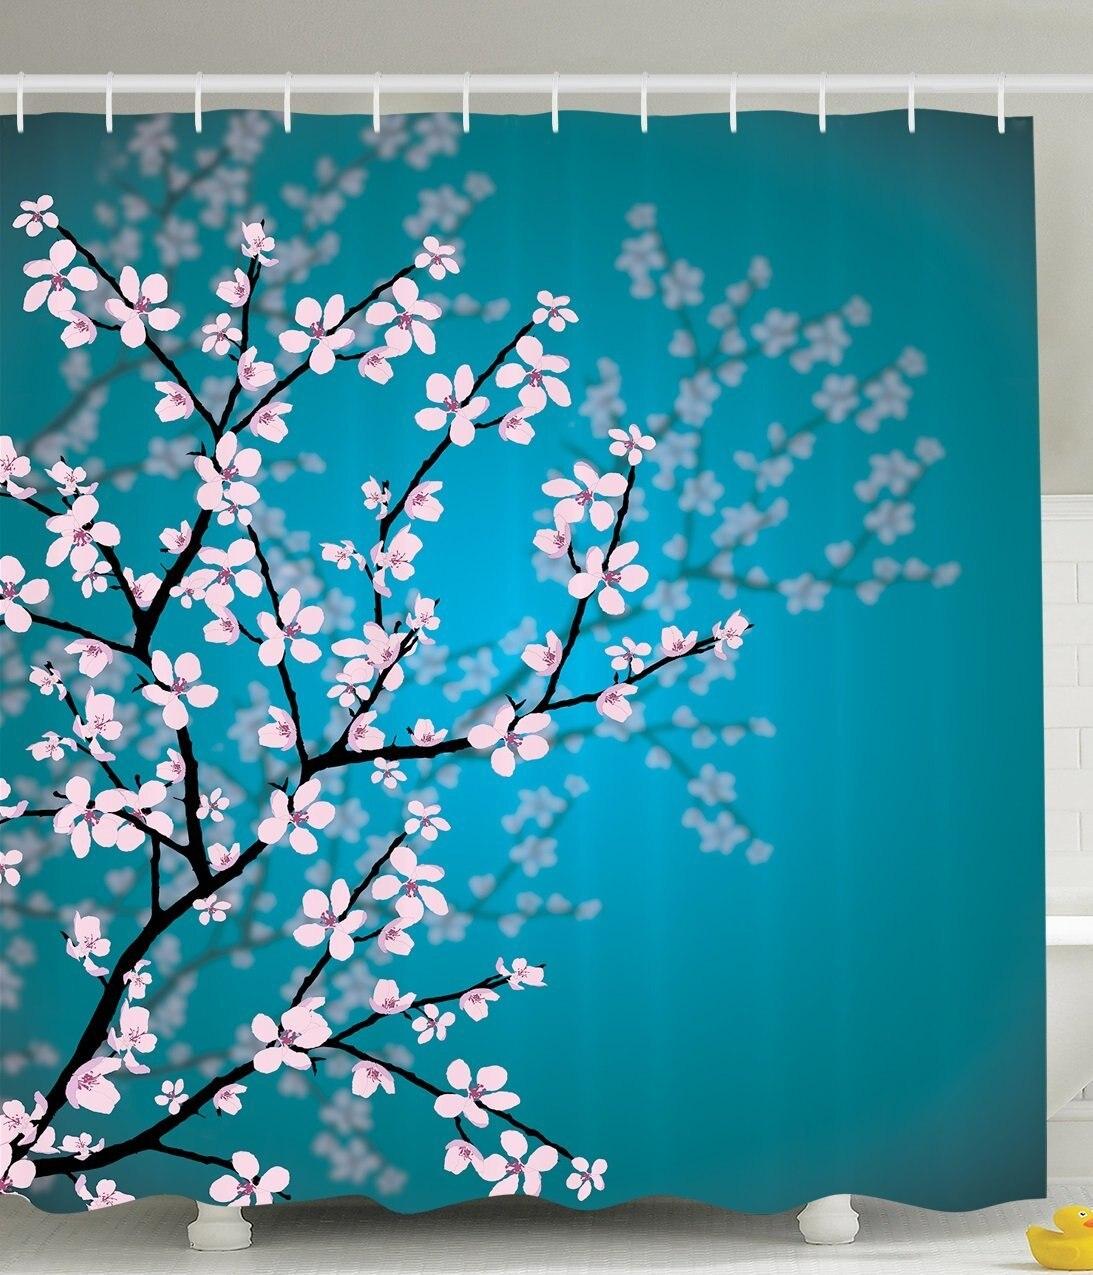 teal bathroom decor promotion-shop for promotional teal bathroom